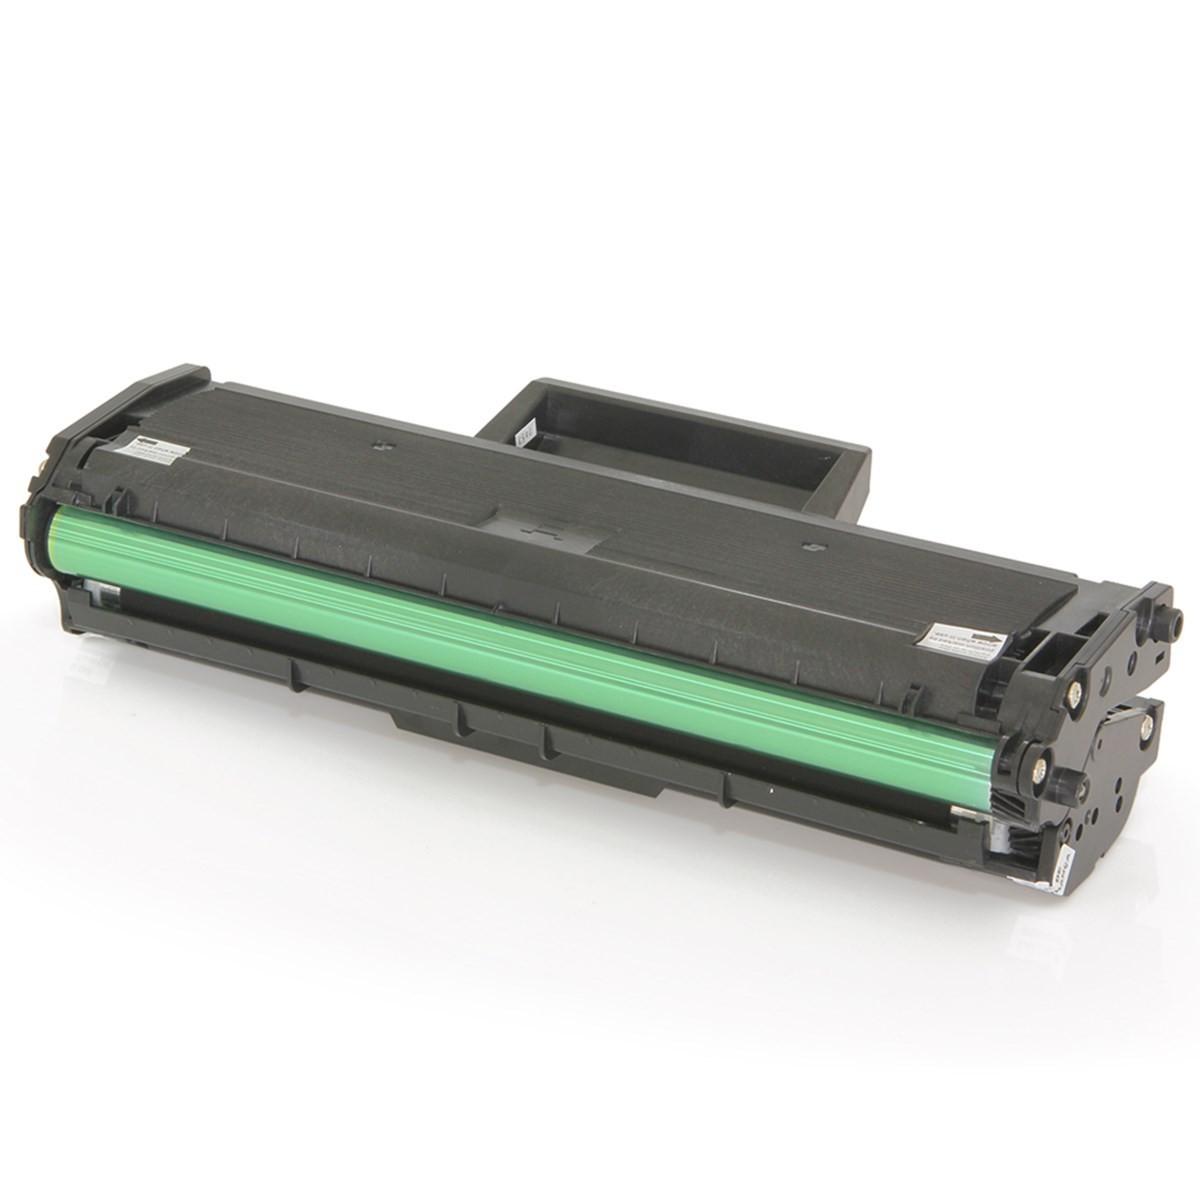 TONER HP 105 A sem chip , W-1105A W-1105 W1105, hp105, 105 COMPATÍVEL